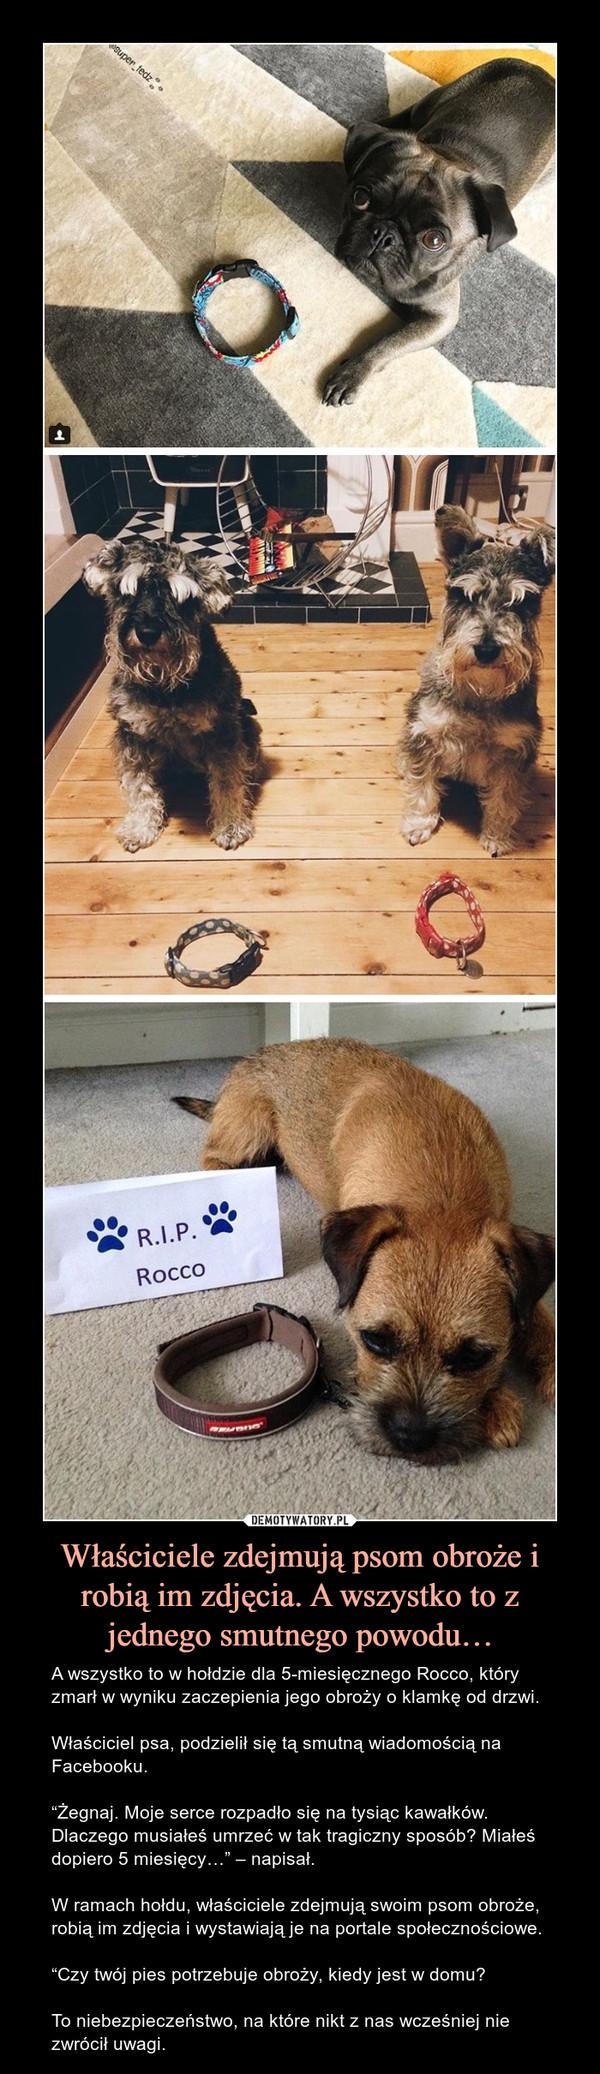 """Właściciele zdejmują psom obroże i robią im zdjęcia. A wszystko to z jednego smutnego powodu… – A wszystko to w hołdzie dla 5-miesięcznego Rocco, który zmarł w wyniku zaczepienia jego obroży o klamkę od drzwi.Właściciel psa, podzielił się tą smutną wiadomością na Facebooku.""""Żegnaj. Moje serce rozpadło się na tysiąc kawałków. Dlaczego musiałeś umrzeć w tak tragiczny sposób? Miałeś dopiero 5 miesięcy…"""" – napisał.W ramach hołdu, właściciele zdejmują swoim psom obroże, robią im zdjęcia i wystawiają je na portale społecznościowe.""""Czy twój pies potrzebuje obroży, kiedy jest w domu?To niebezpieczeństwo, na które nikt z nas wcześniej nie zwrócił uwagi."""